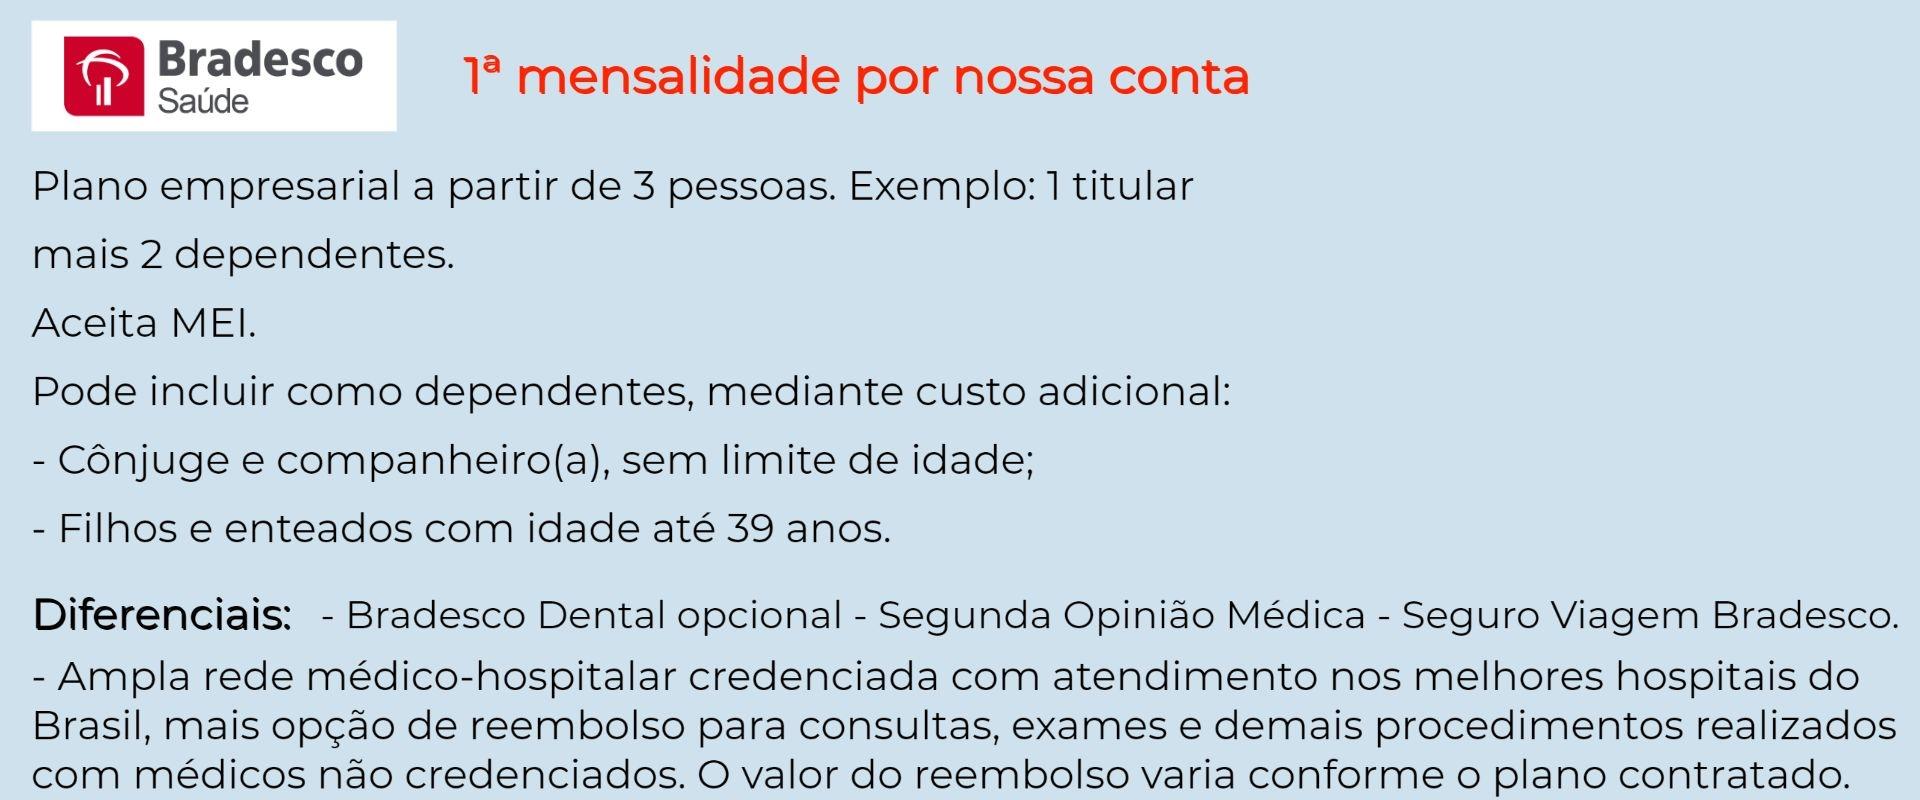 Bradesco Saúde Empresarial - Campos dos Goytacazes